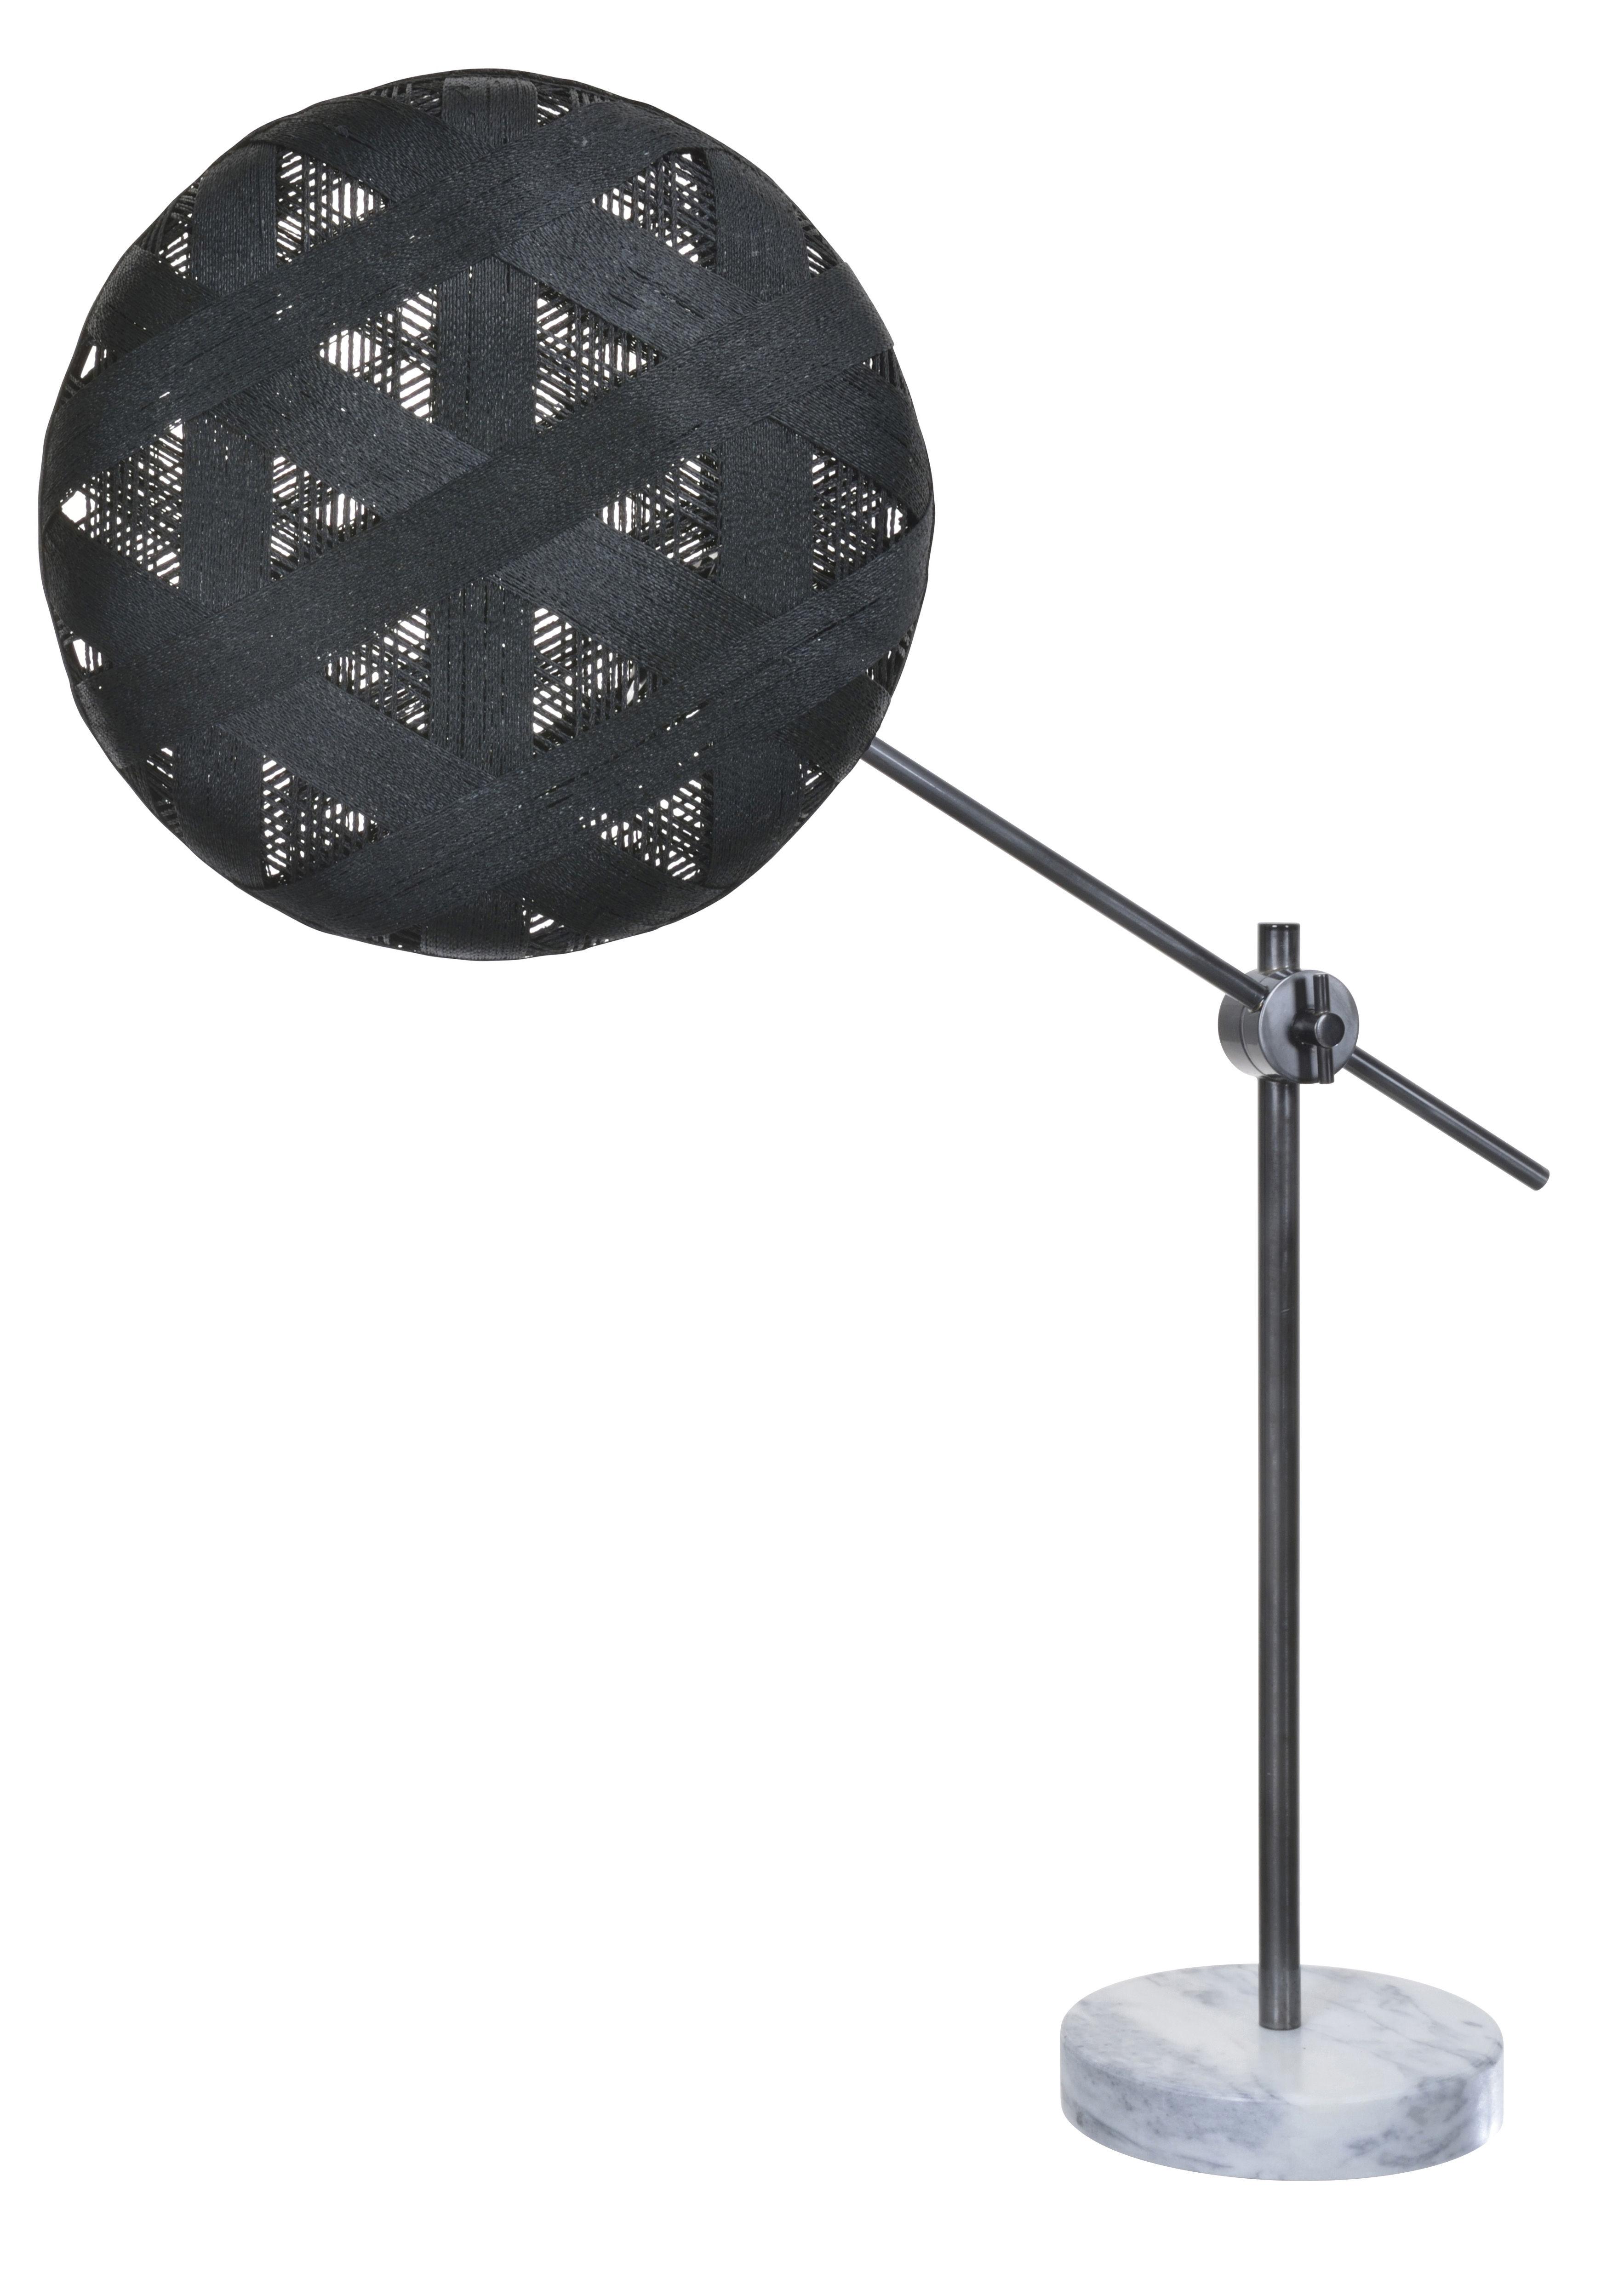 Illuminazione - Lampade da tavolo - Lampada da tavolo Chanpen Hexagon - Ø 36 cm / Articolato - Motivi triangolo di Forestier - Nero / Canna di fucile - Marmo, Metallo, Tessuto in abaca